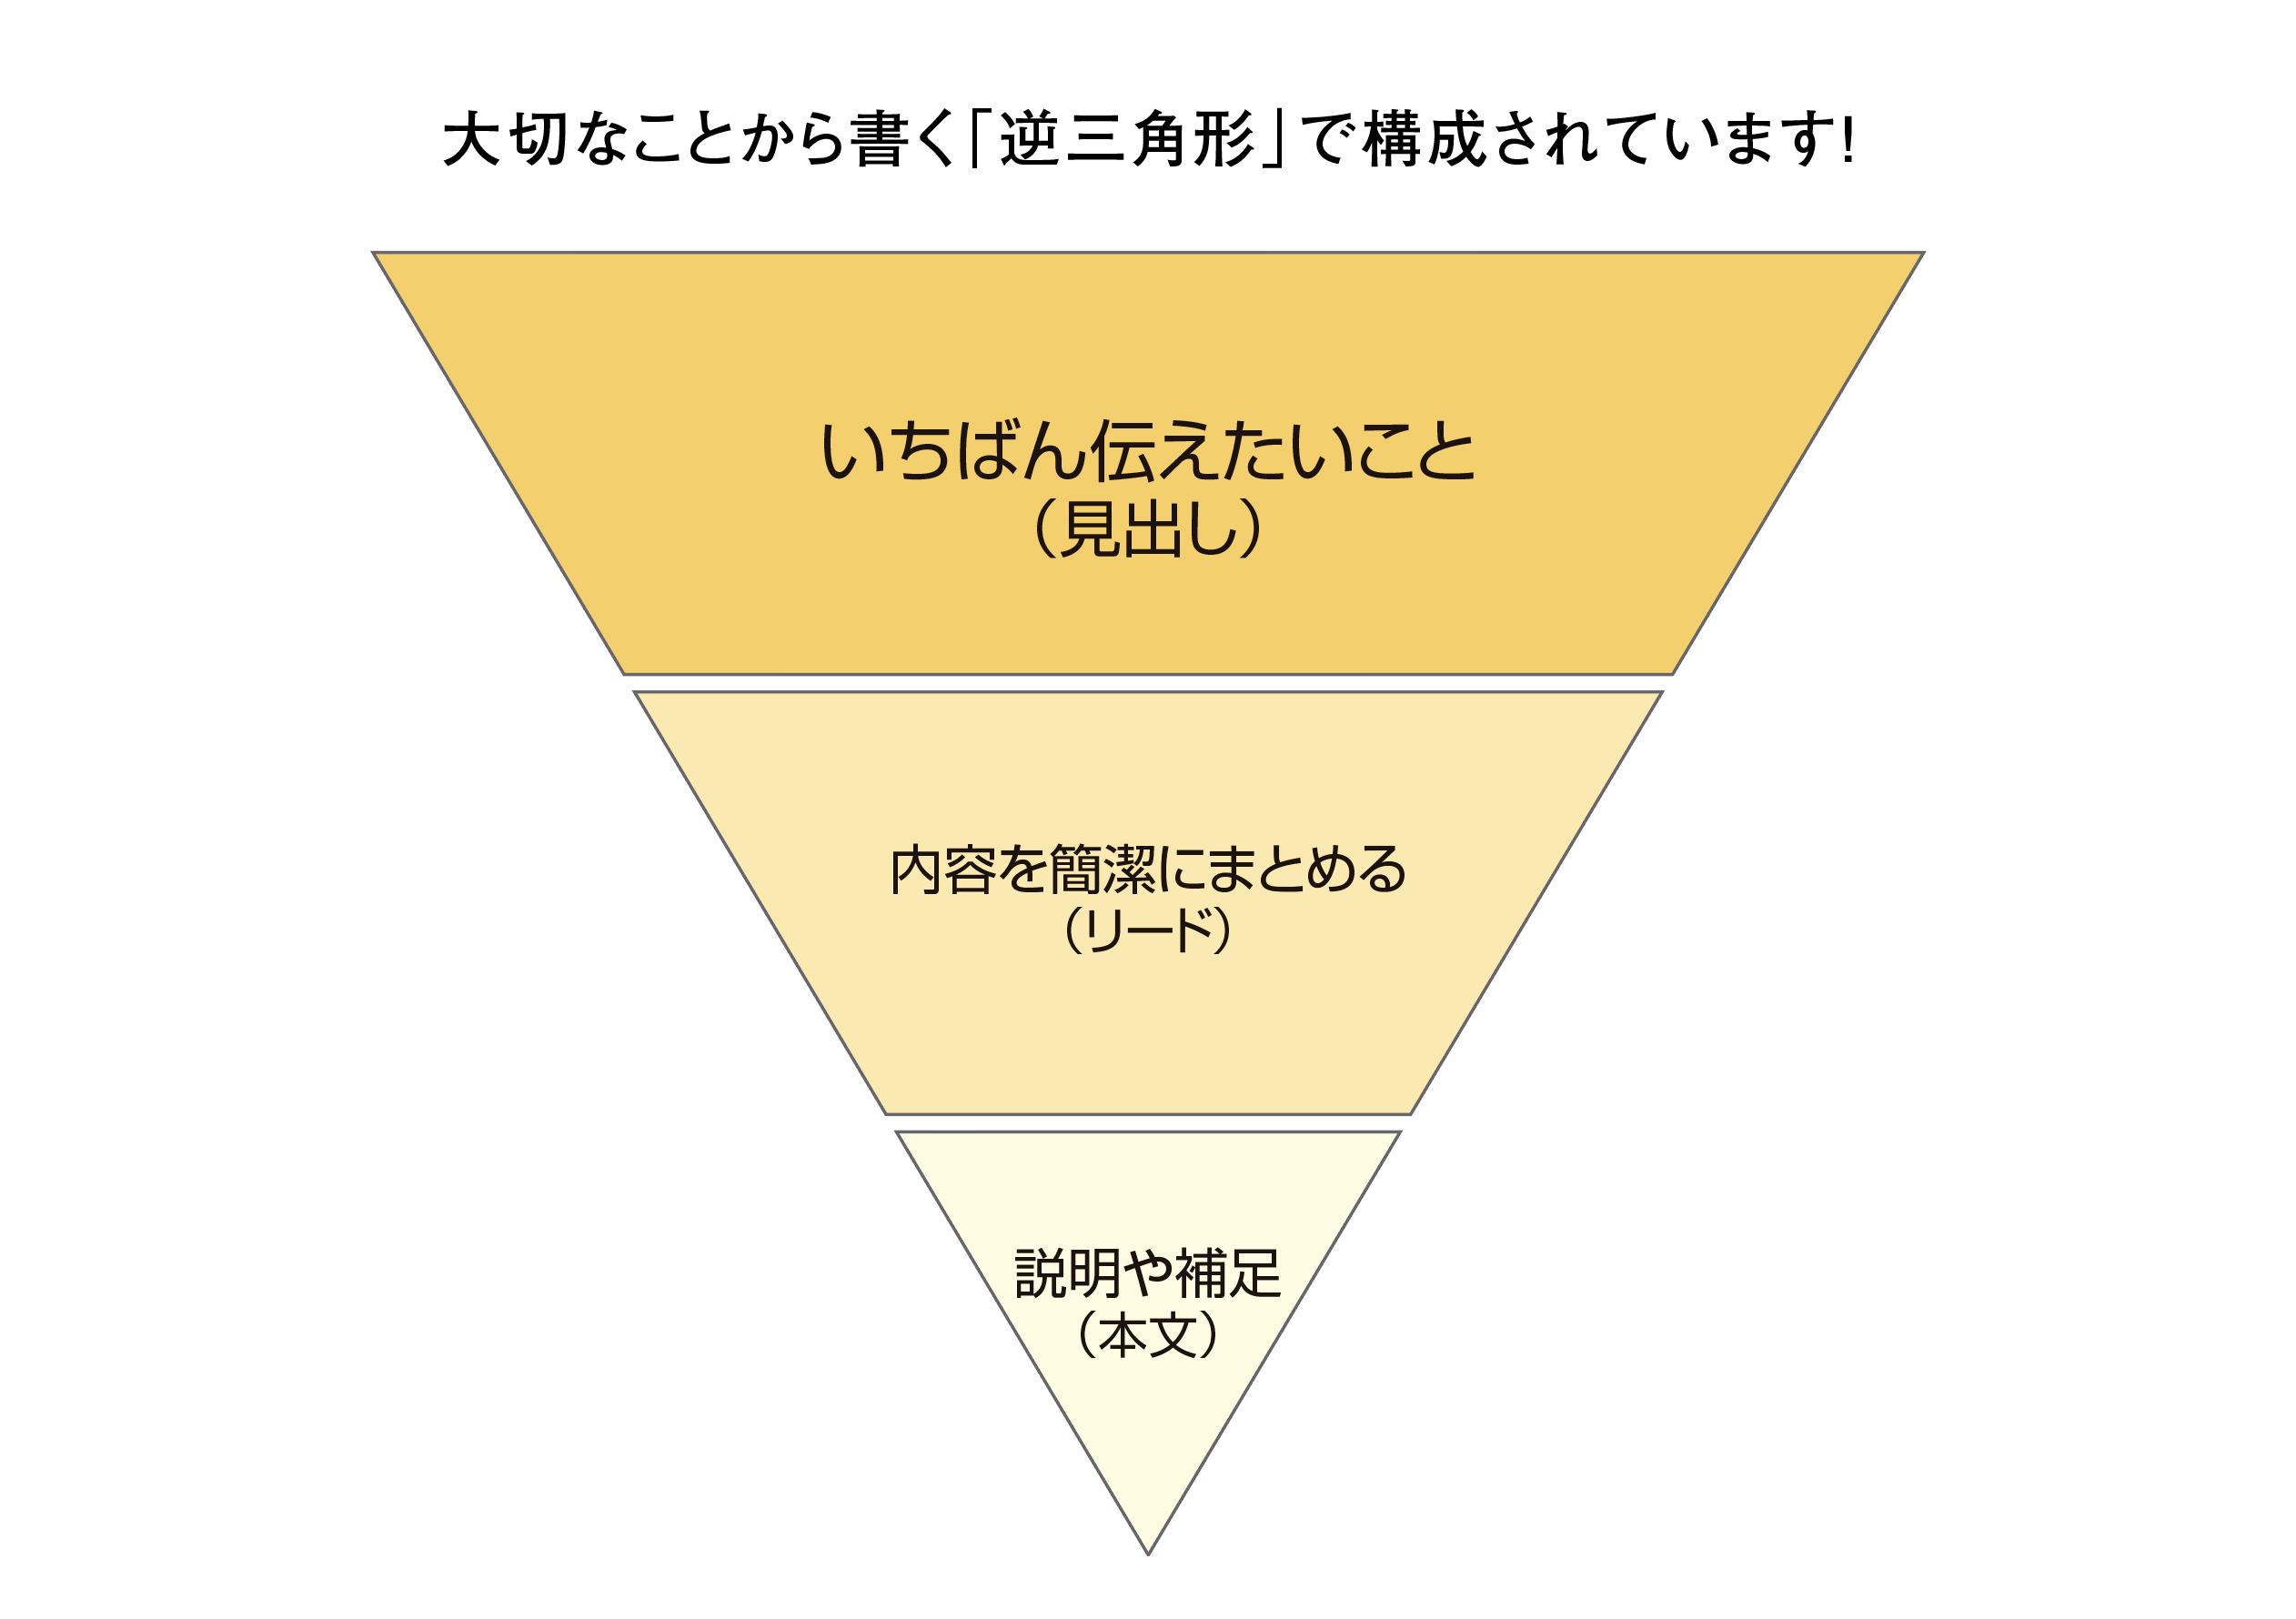 新聞の記事は逆三角形で構成